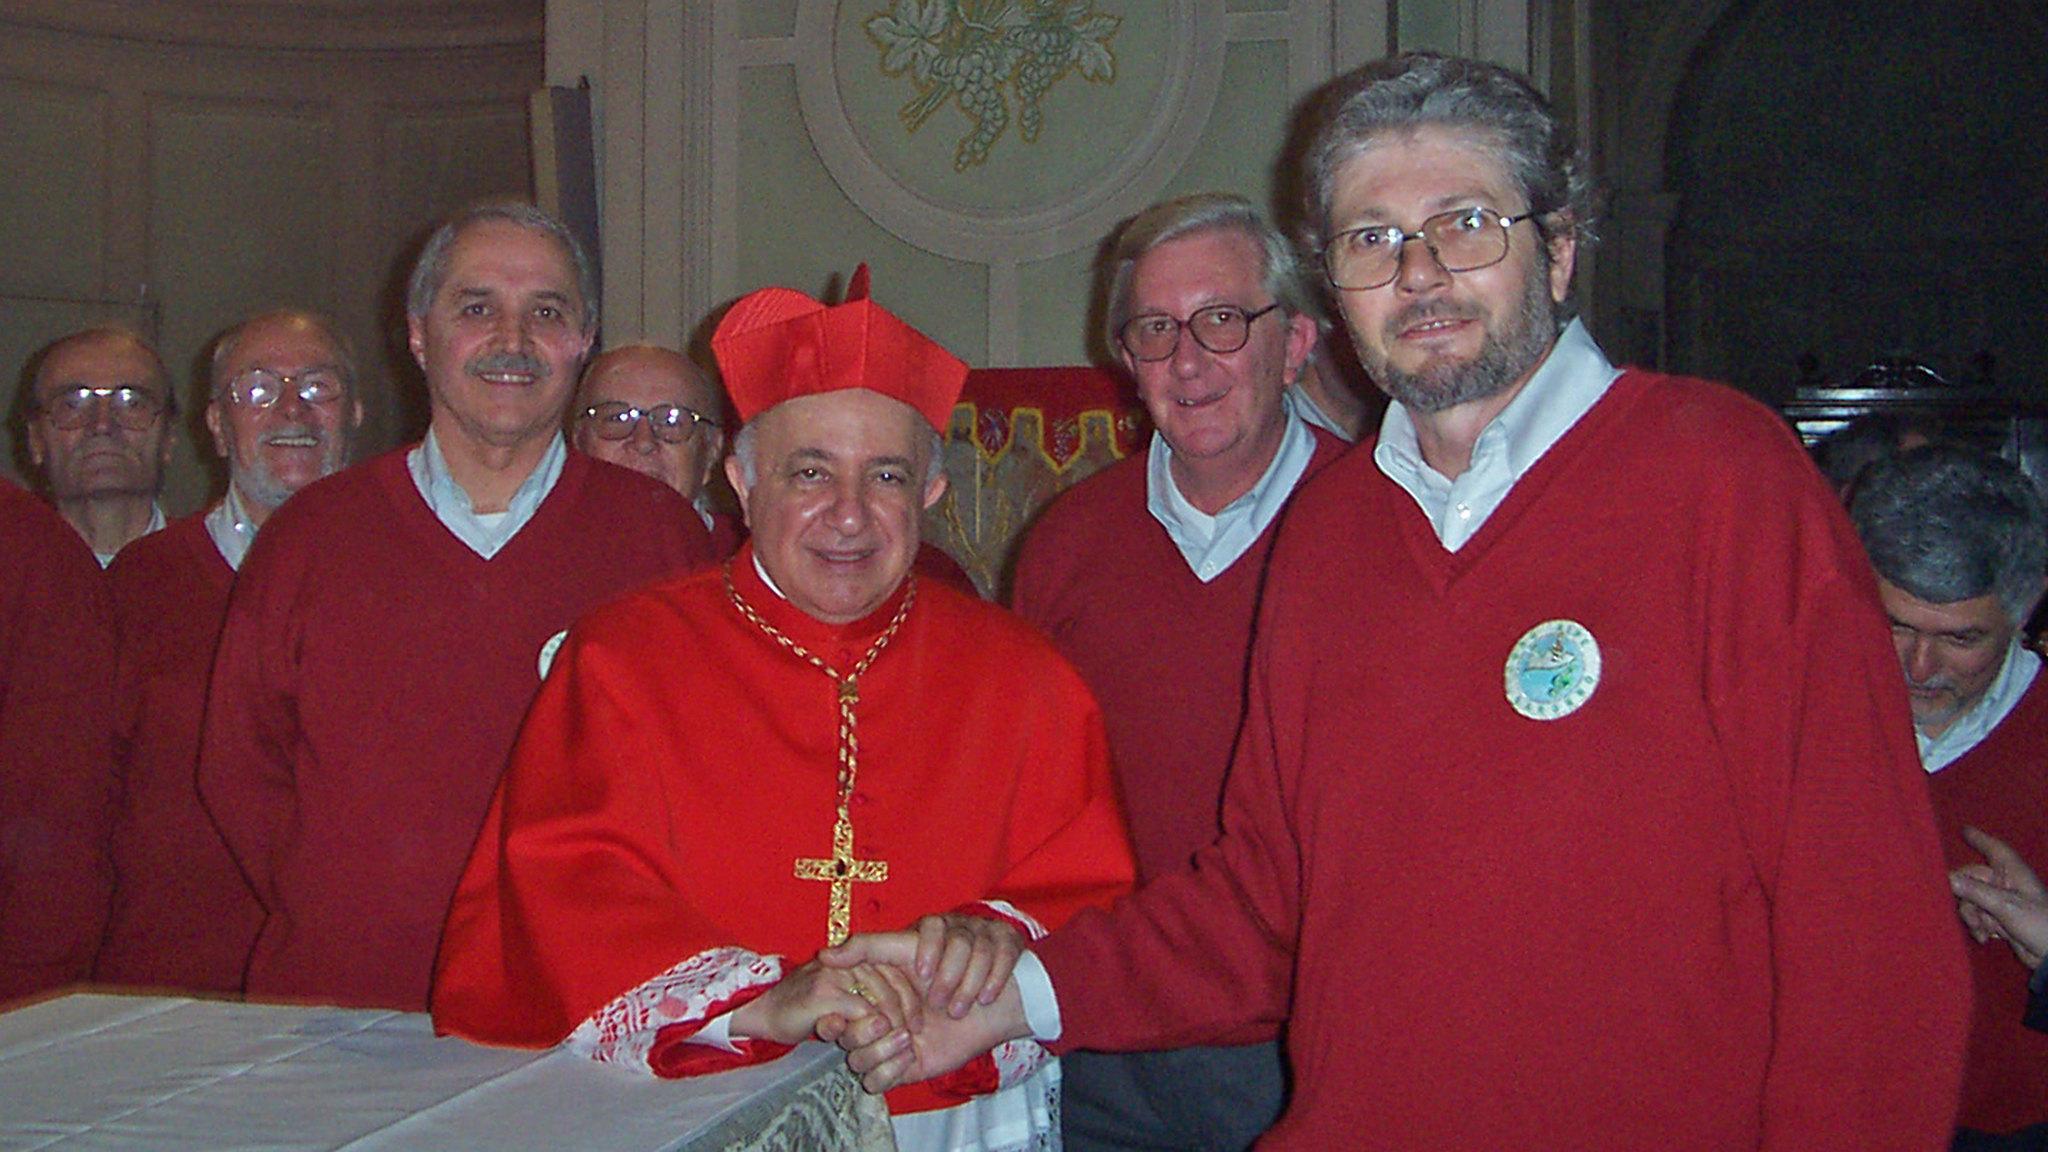 Chiesa dell'Ospedale Salvini di Garbagnate Mil.  6 Novembre 2005